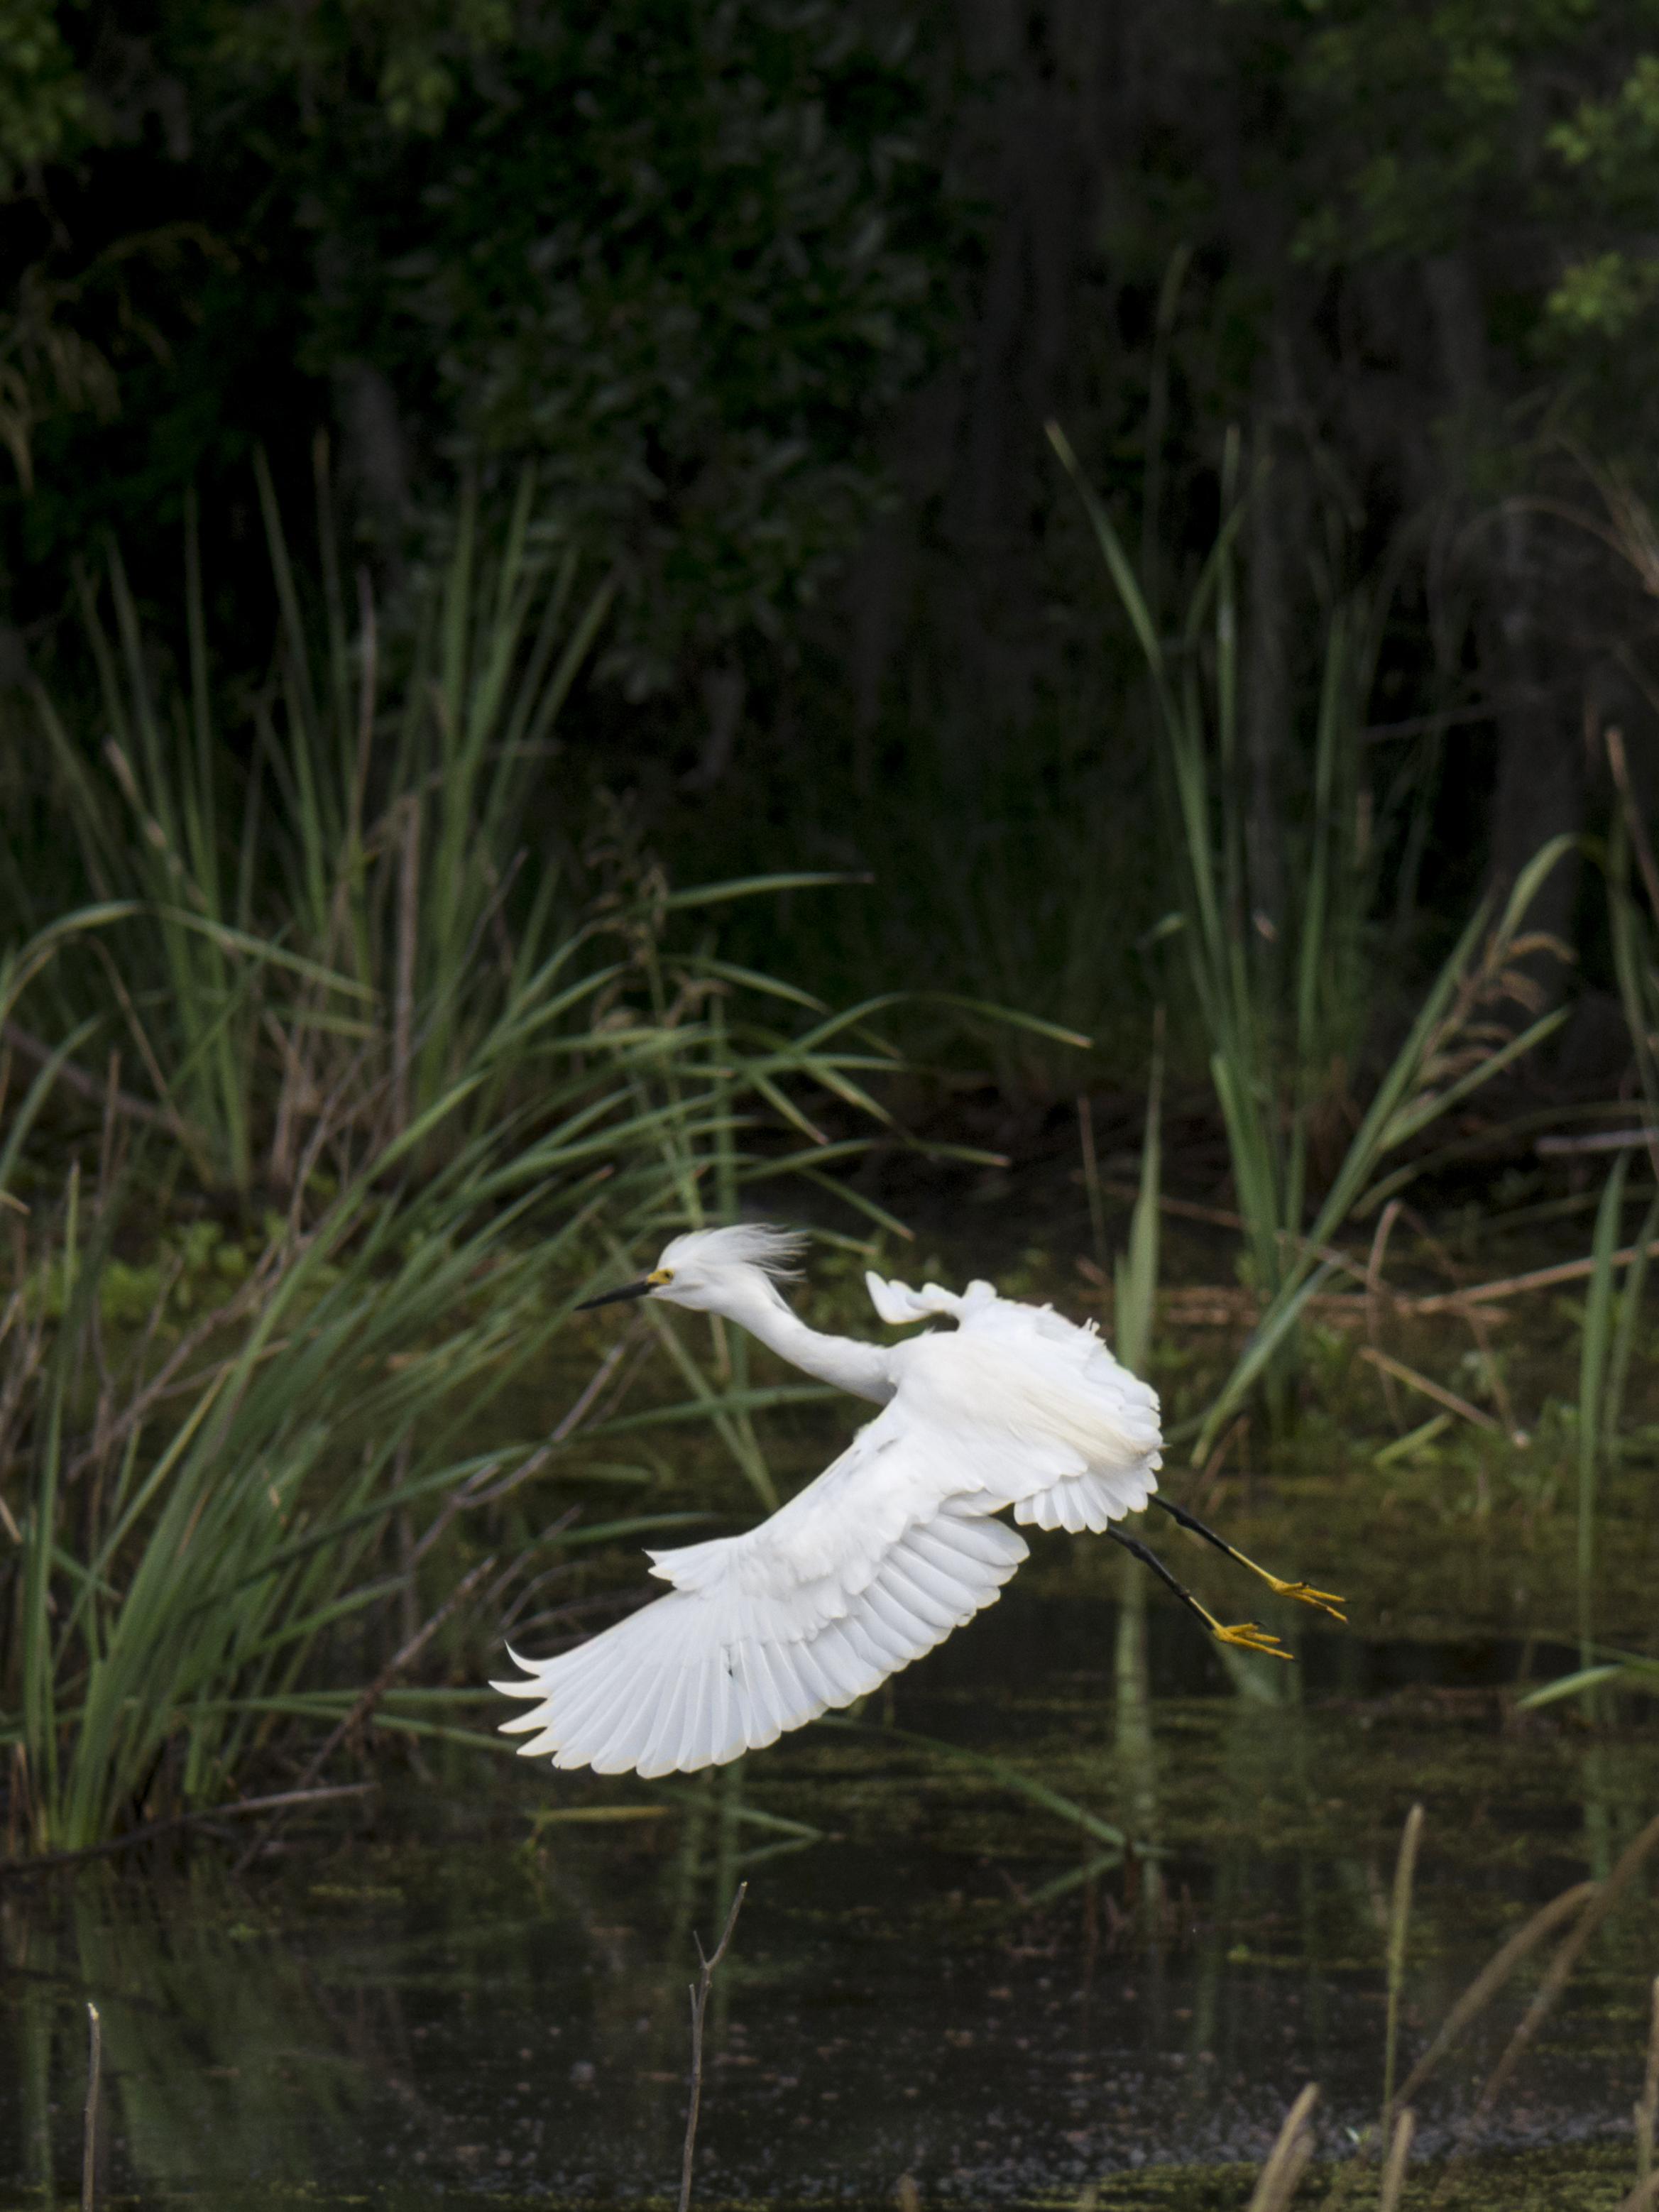 A Snowy Egret taking flight